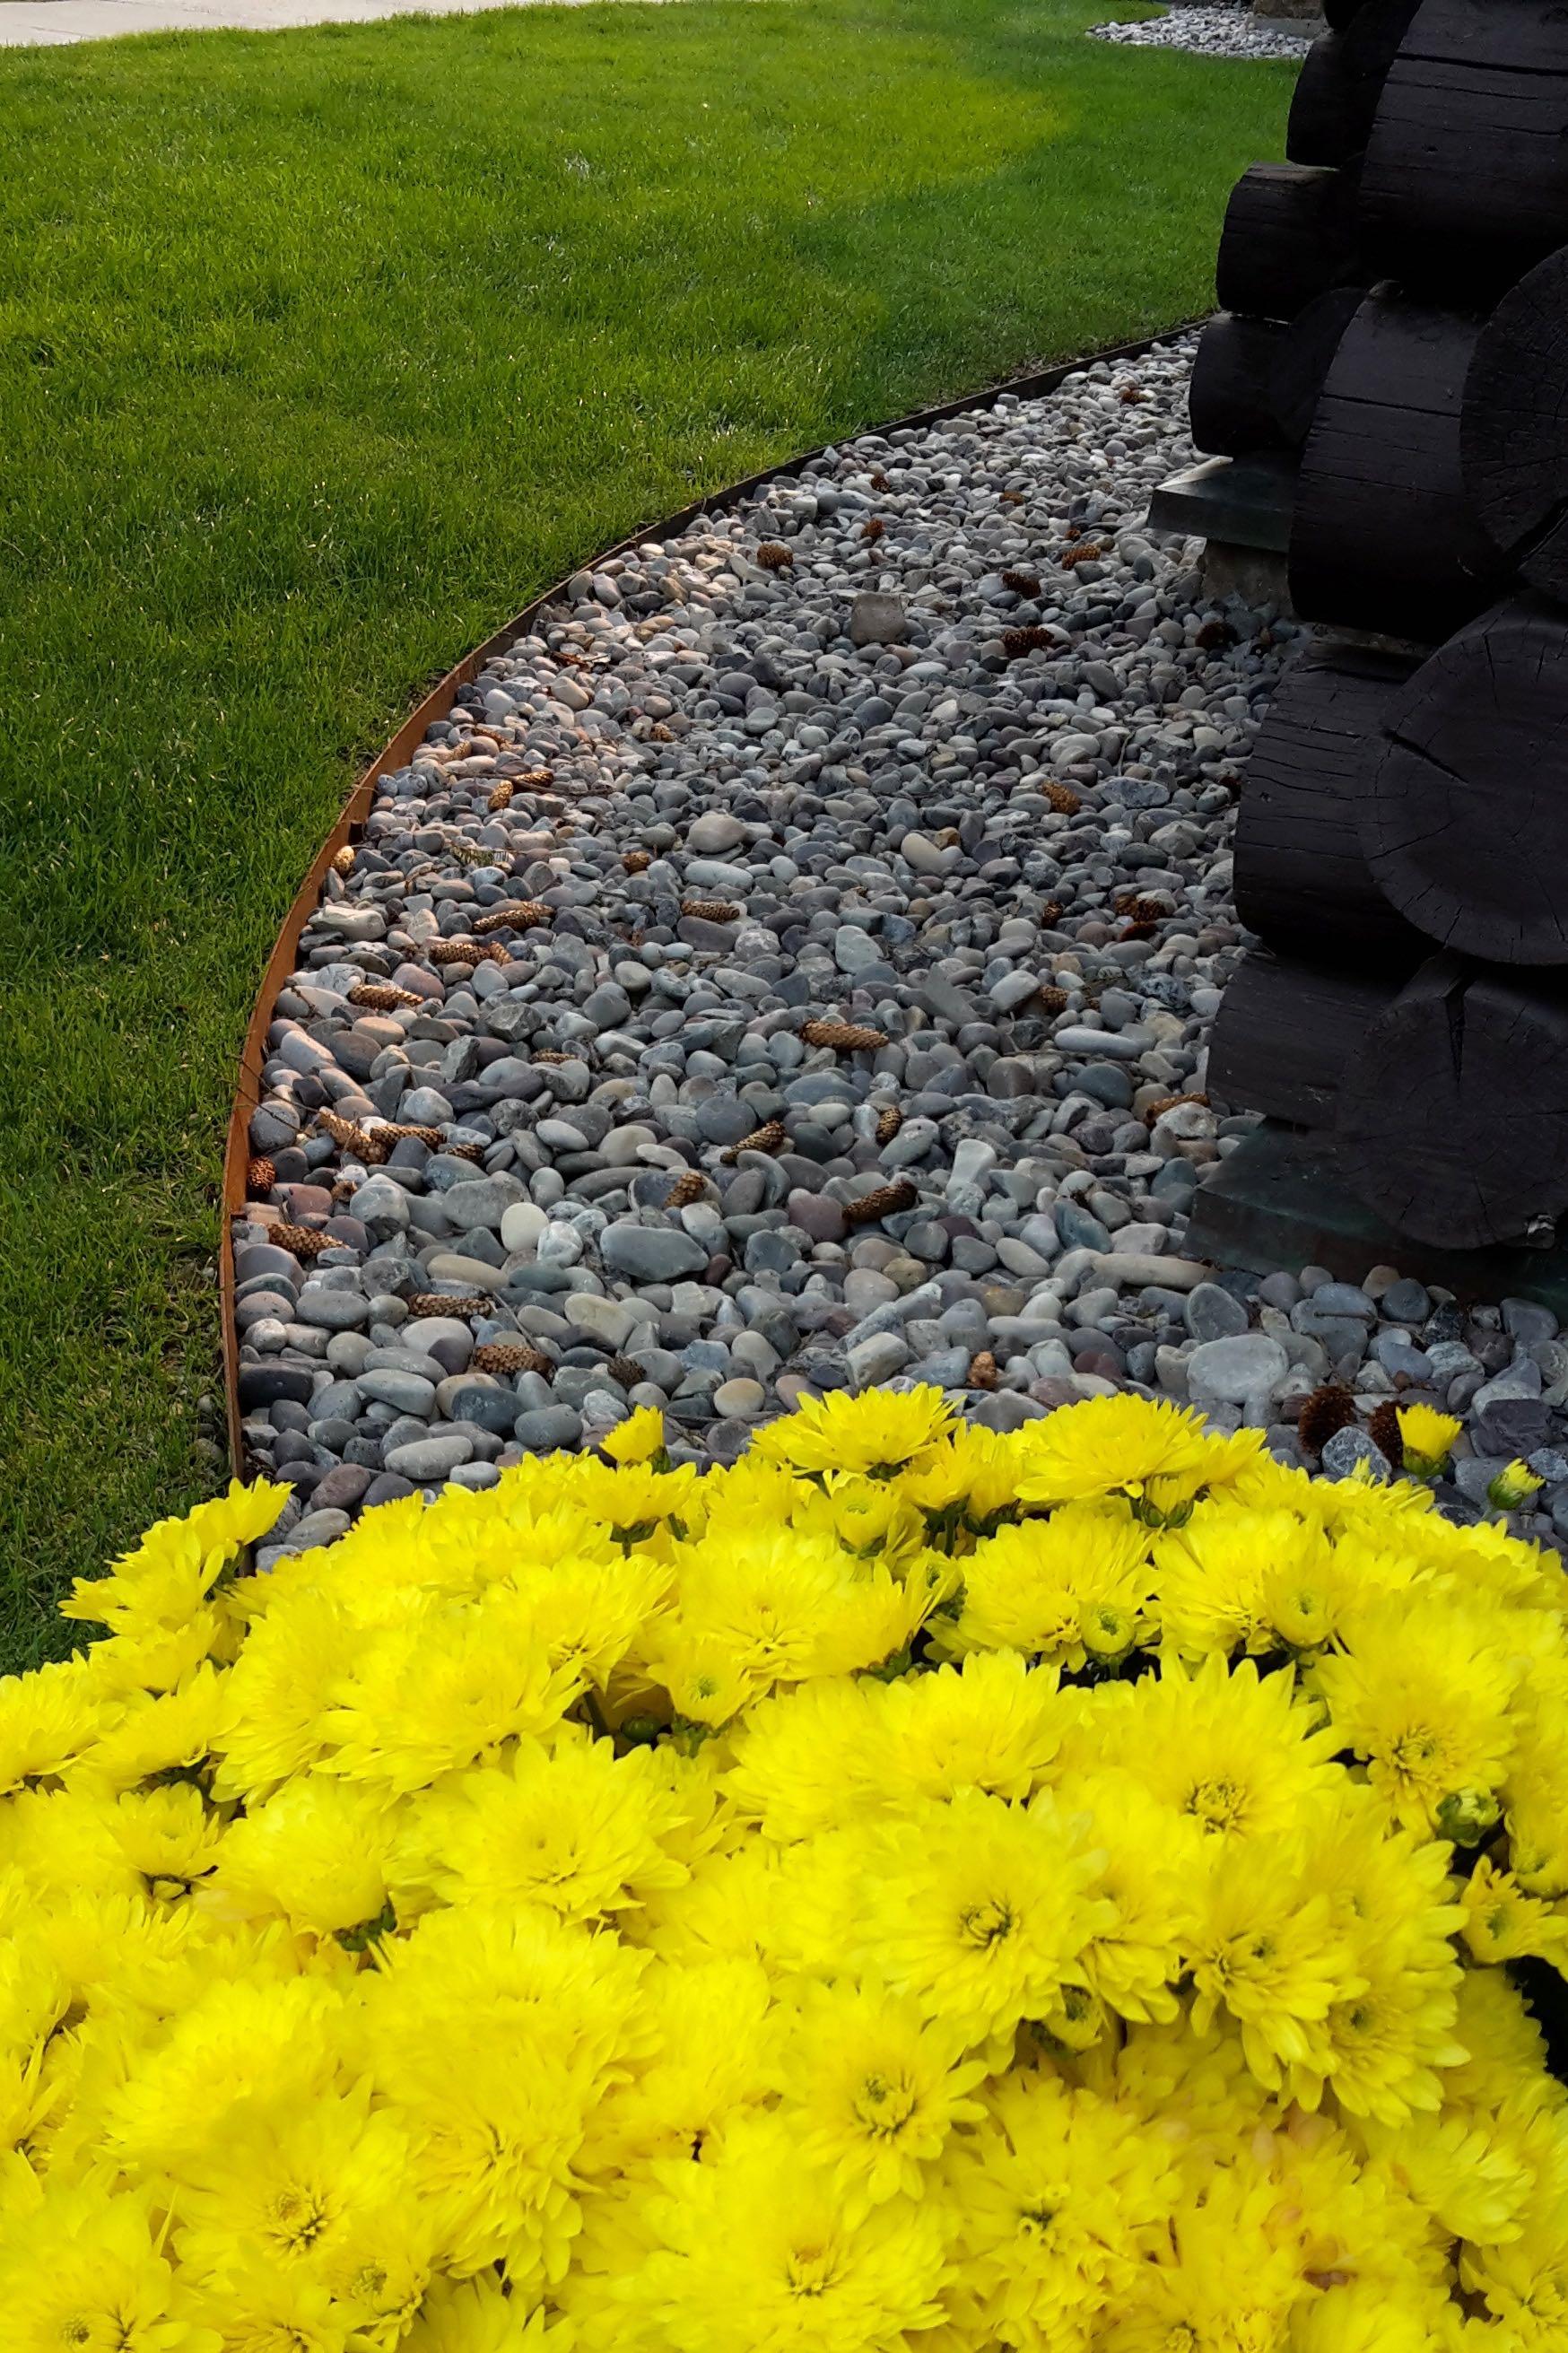 Durch die kontrastierende Kombination aus Kies, Gras und Pflanzen schaffen Sie eines atemberaubendes Erscheinungsbild des Gartens